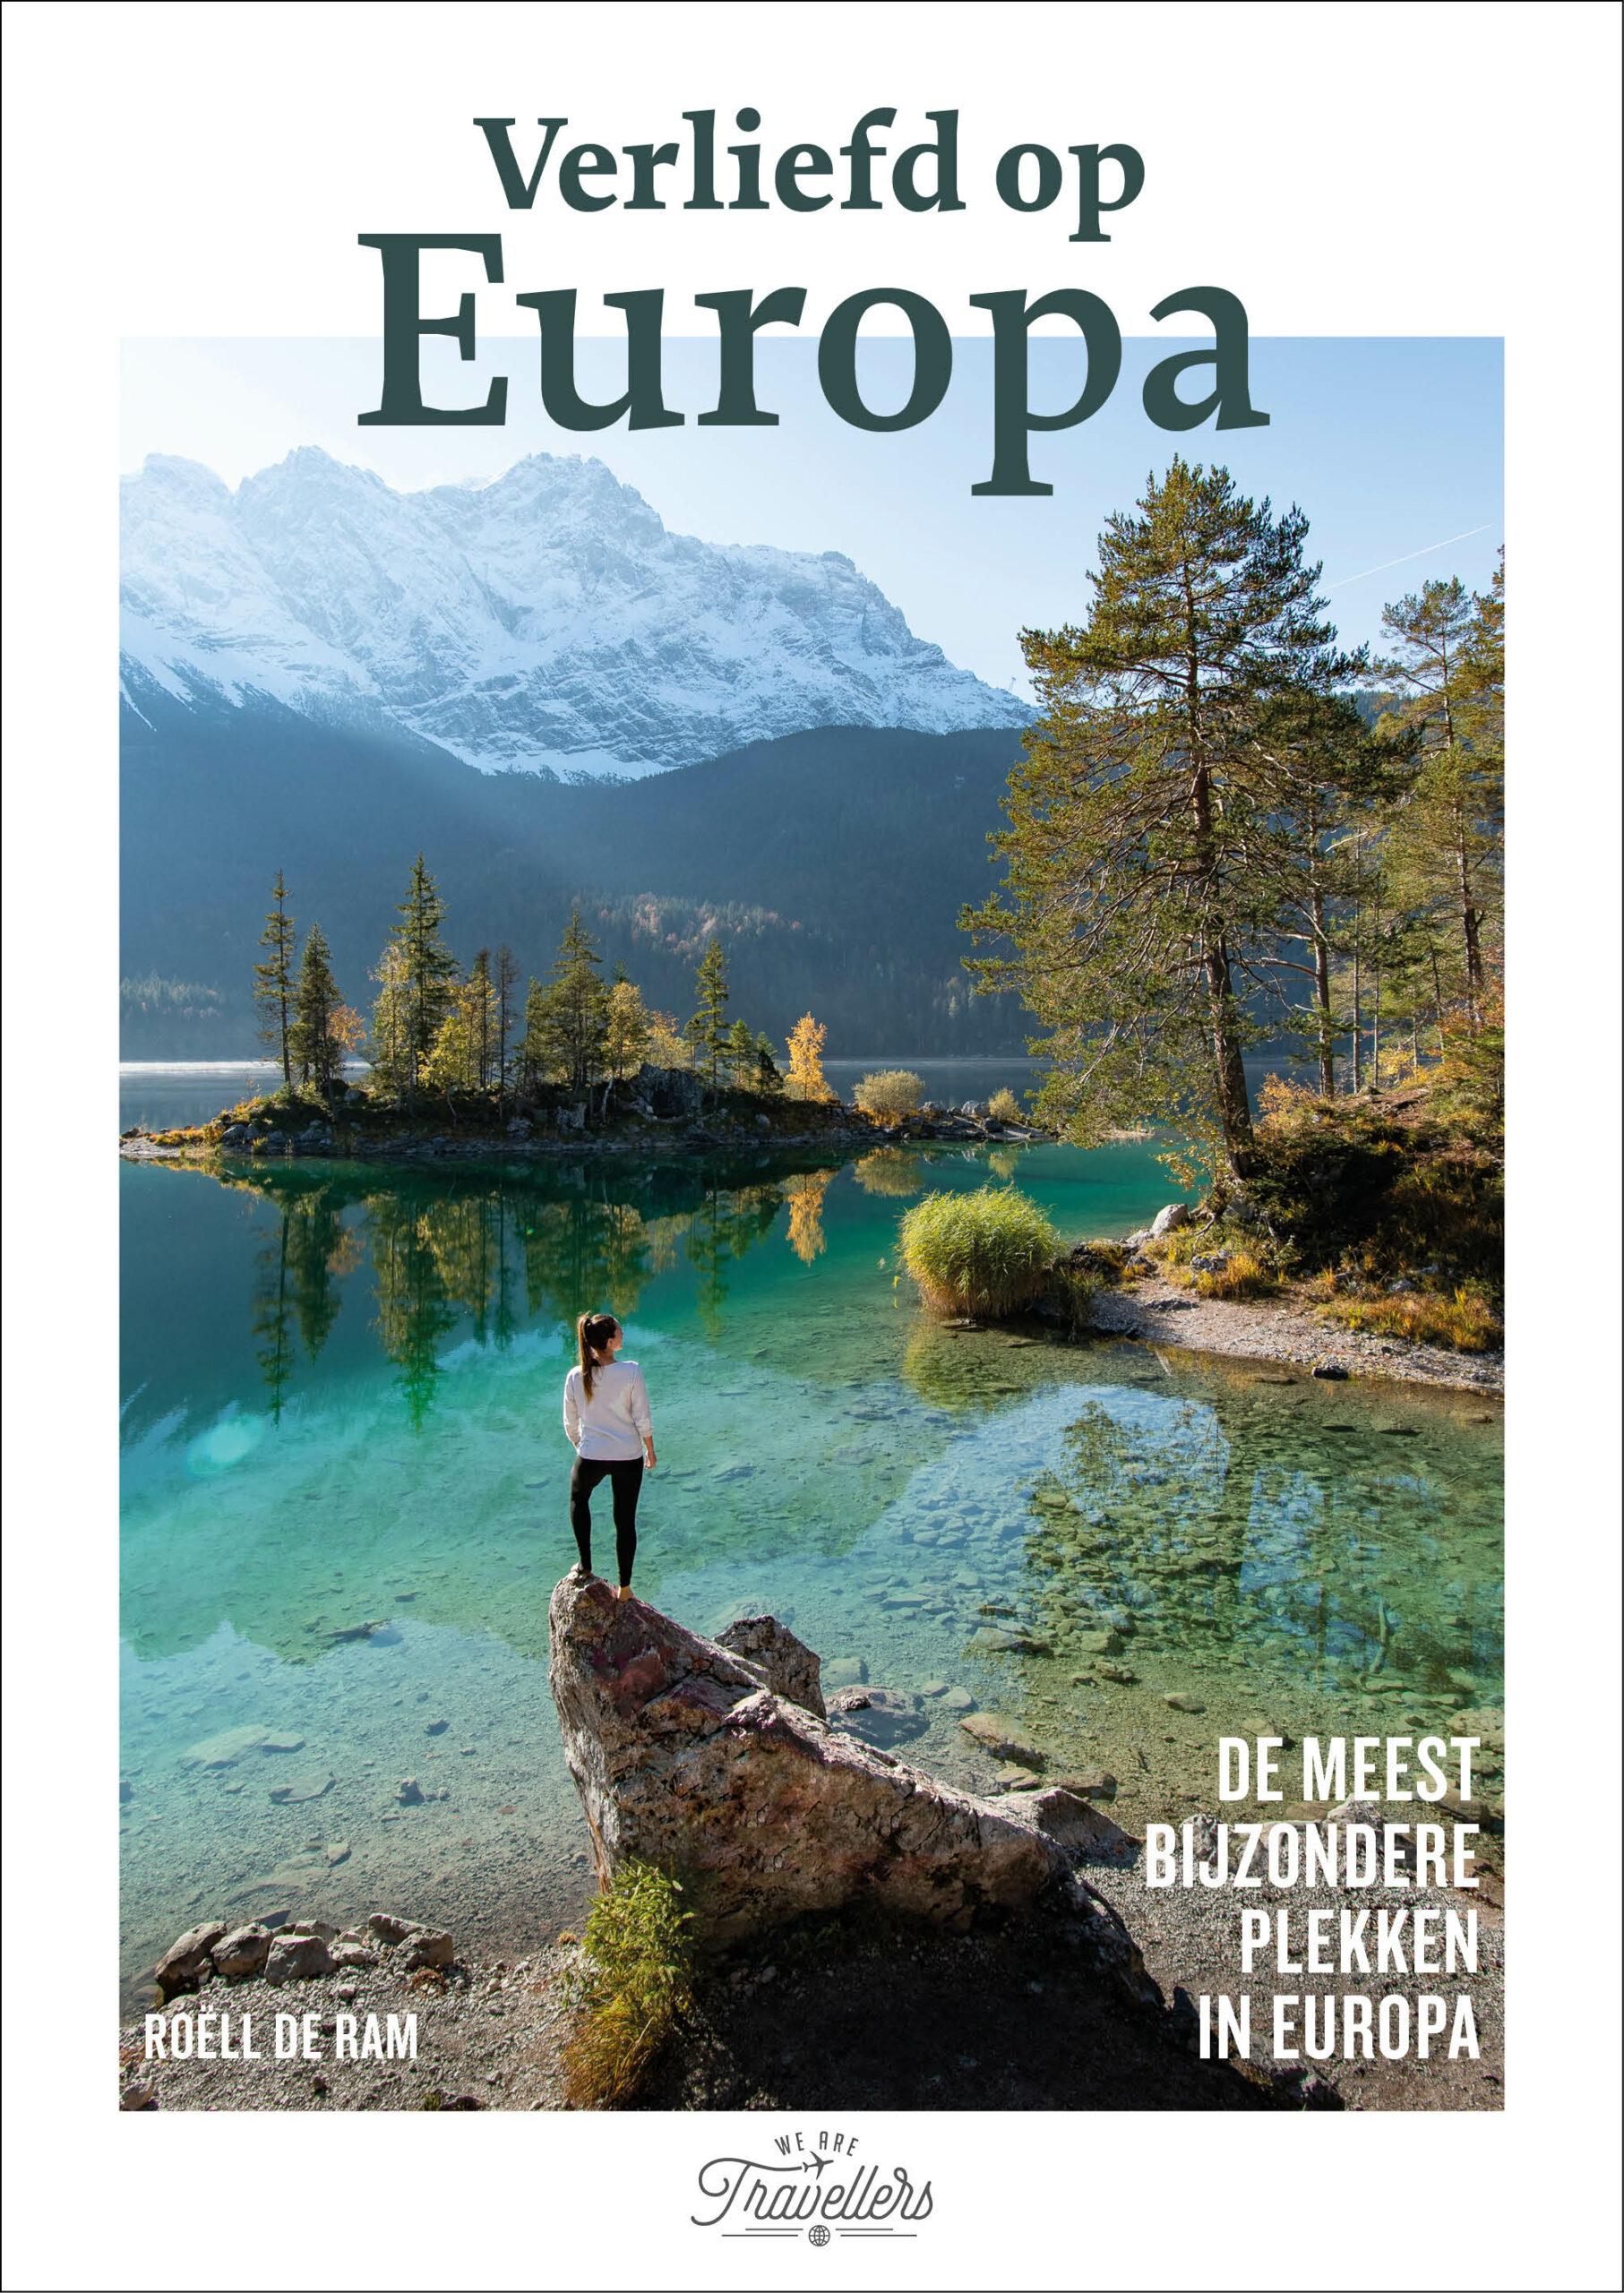 Verliefd op Europa - boekenflits